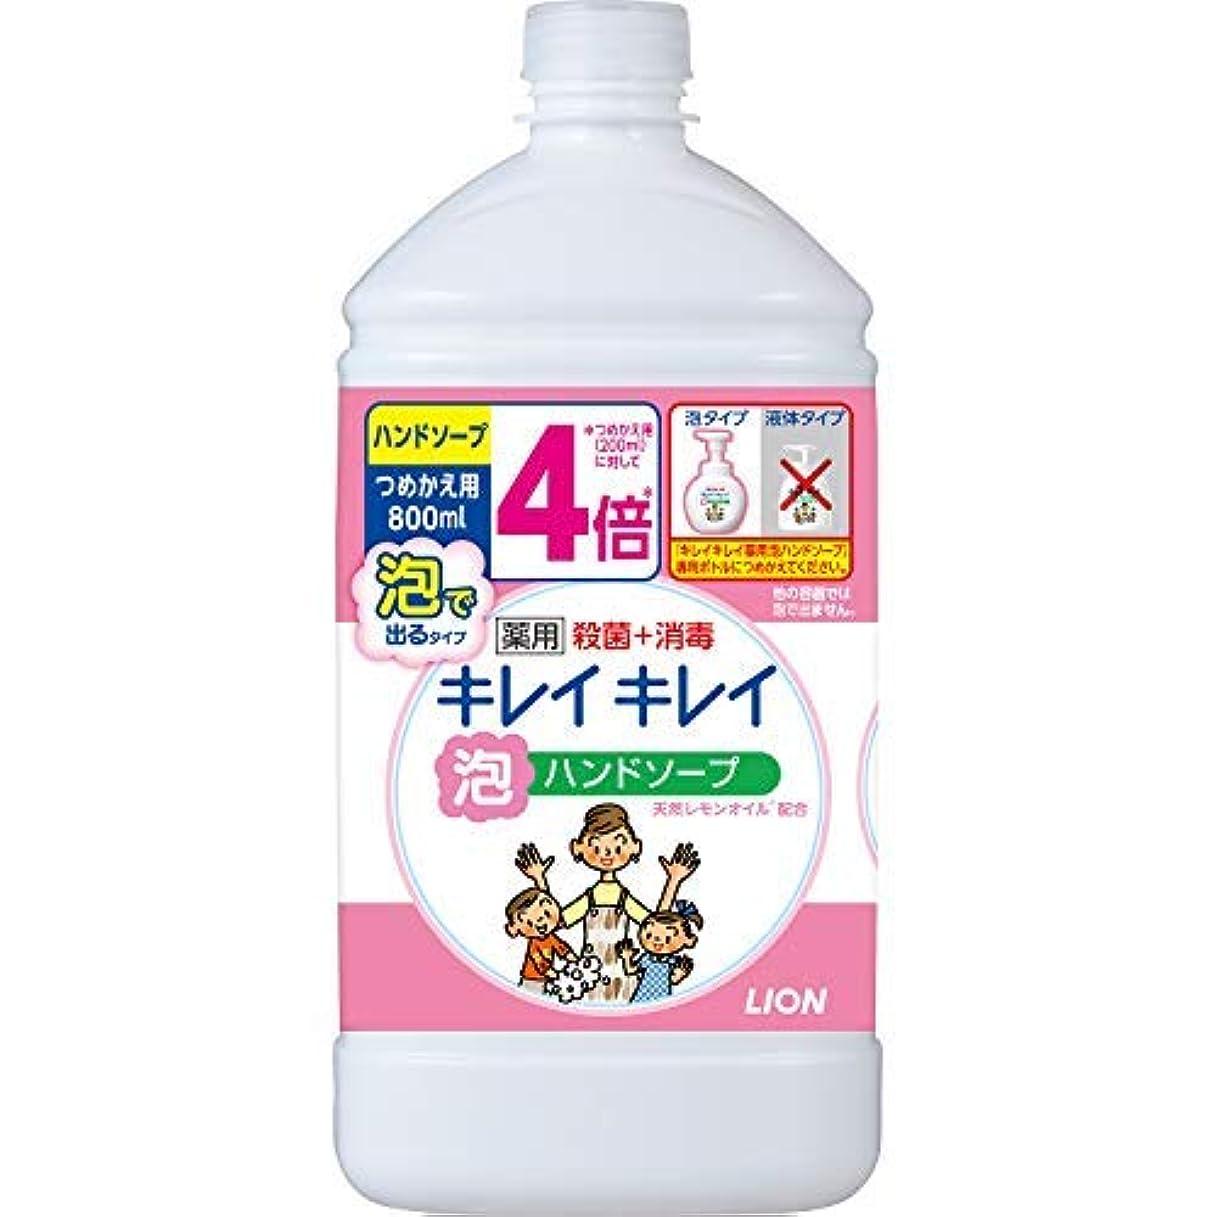 予感感染するカエルキレイキレイ 薬用泡ハンドソープ つめかえ用特大サイズ シトラスフルーティ × 10個セット